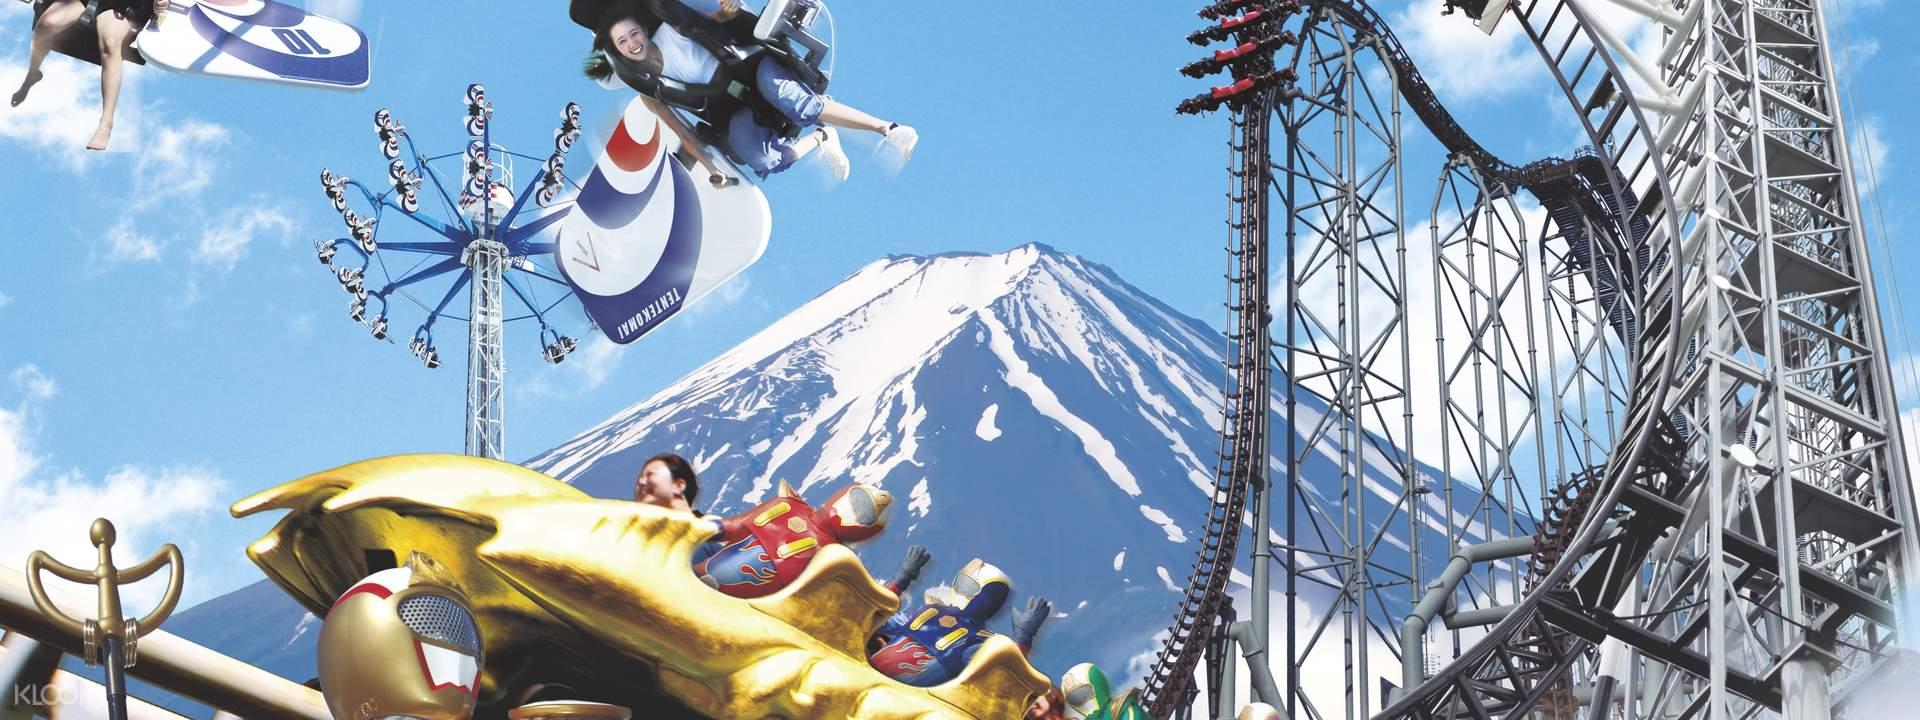 Mt. Fuji Pass, Japan - Klook